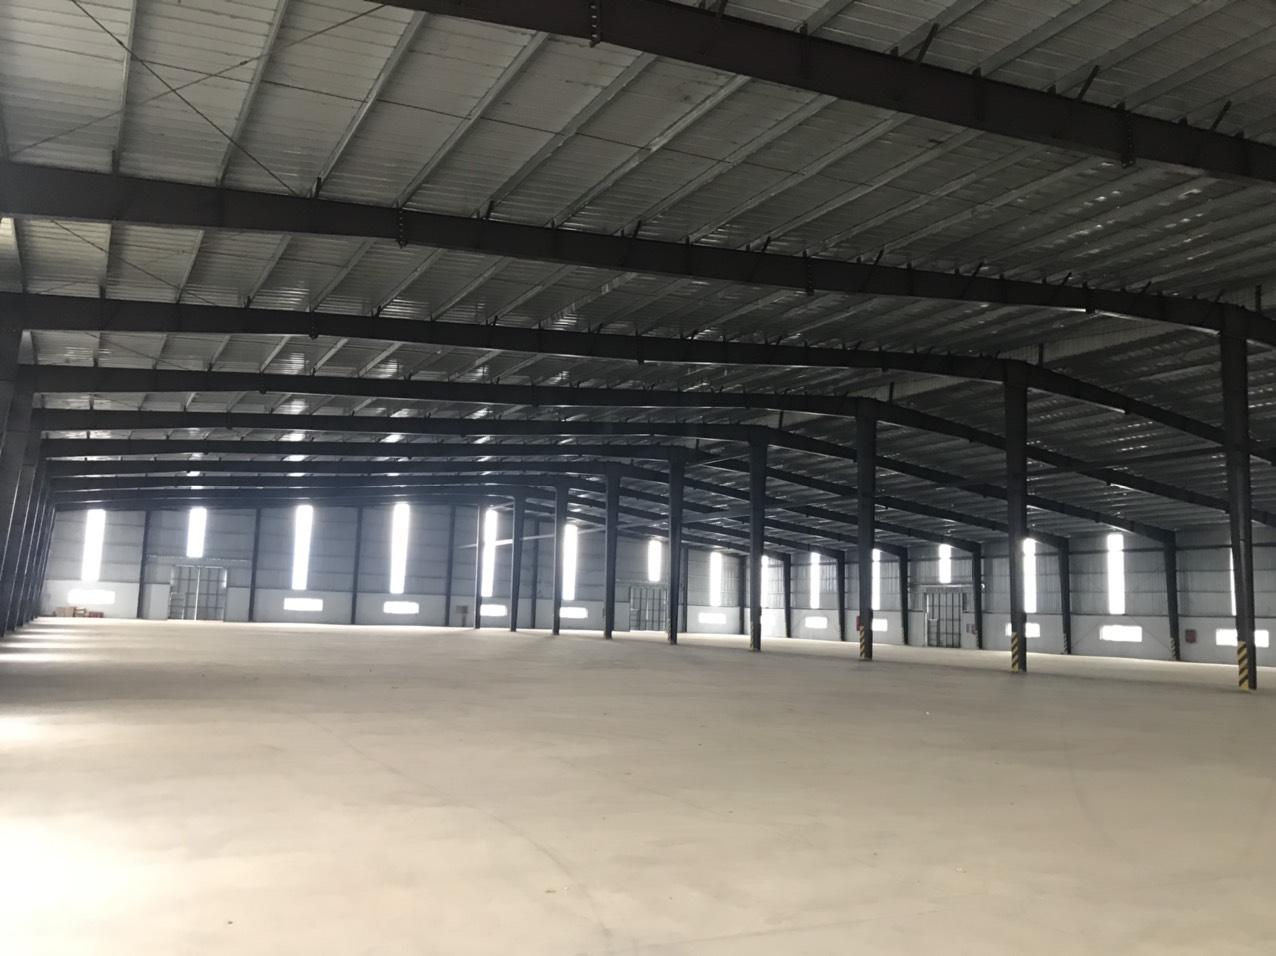 Cho thuê Kho - Nhà xưởng đường Quốc lộ 1A, Xã Hoàng Ninh, Diện tích 10000m², Giá 75 Nghìn/m²/tháng - LH: 0817081218